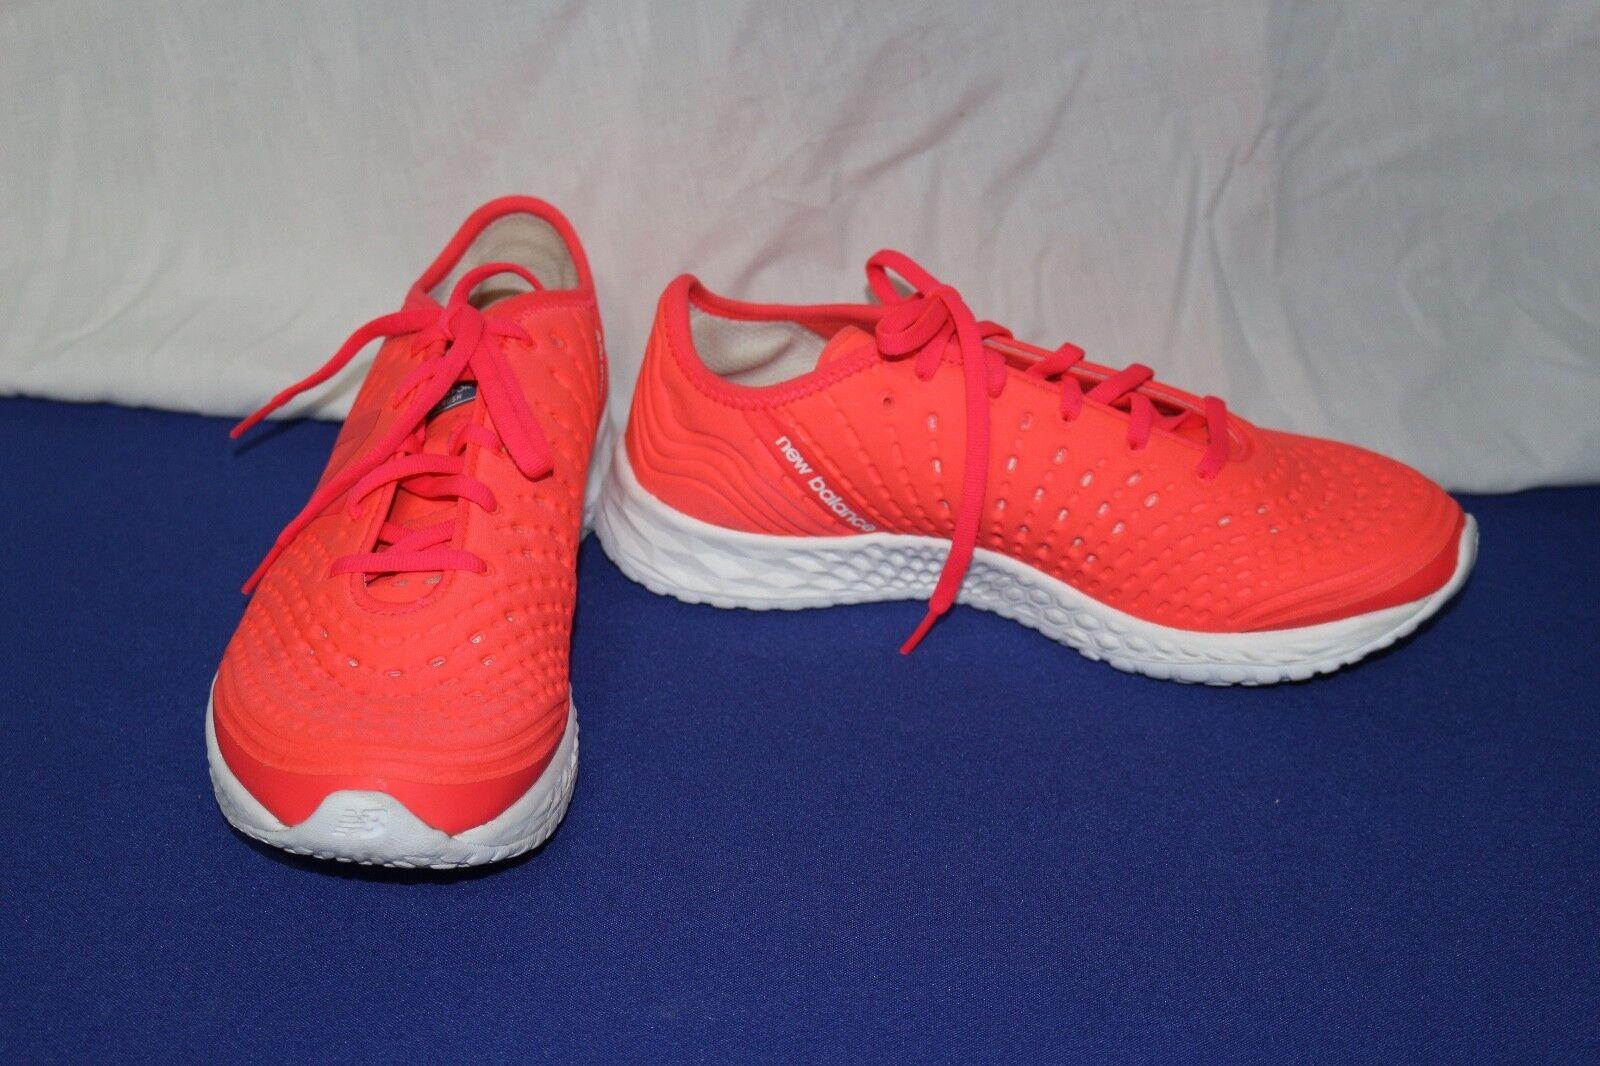 New in Box - New Balance Fresh Foam Crush - orange - Womens 8.5